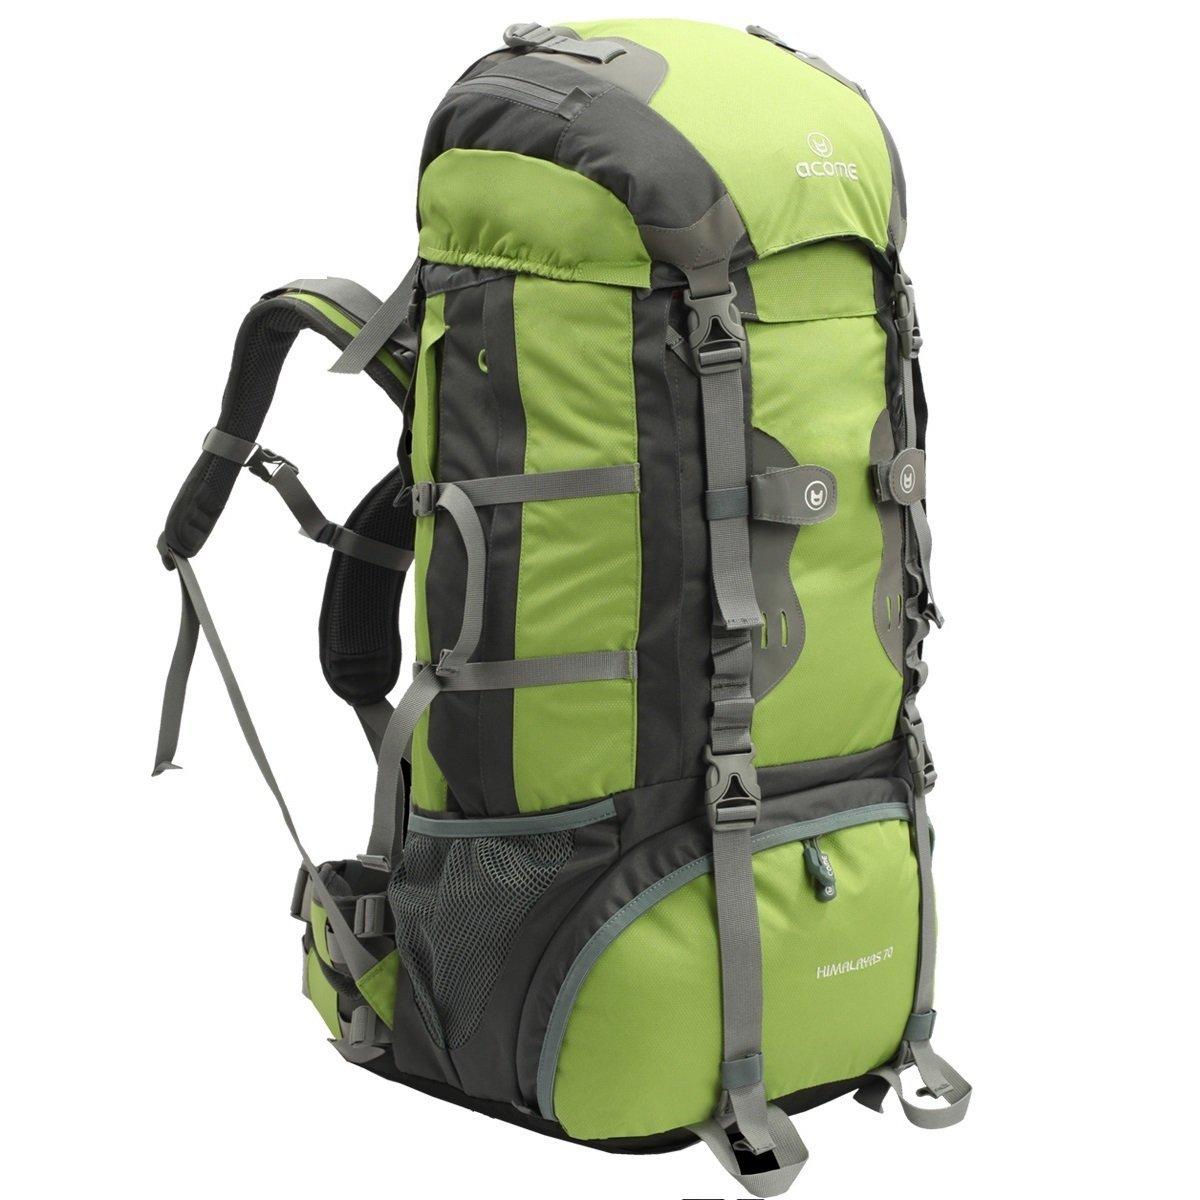 Au?en m?nnlich Backpacking Camping Berg Tasche Wanderrucksack Schultern weiblich